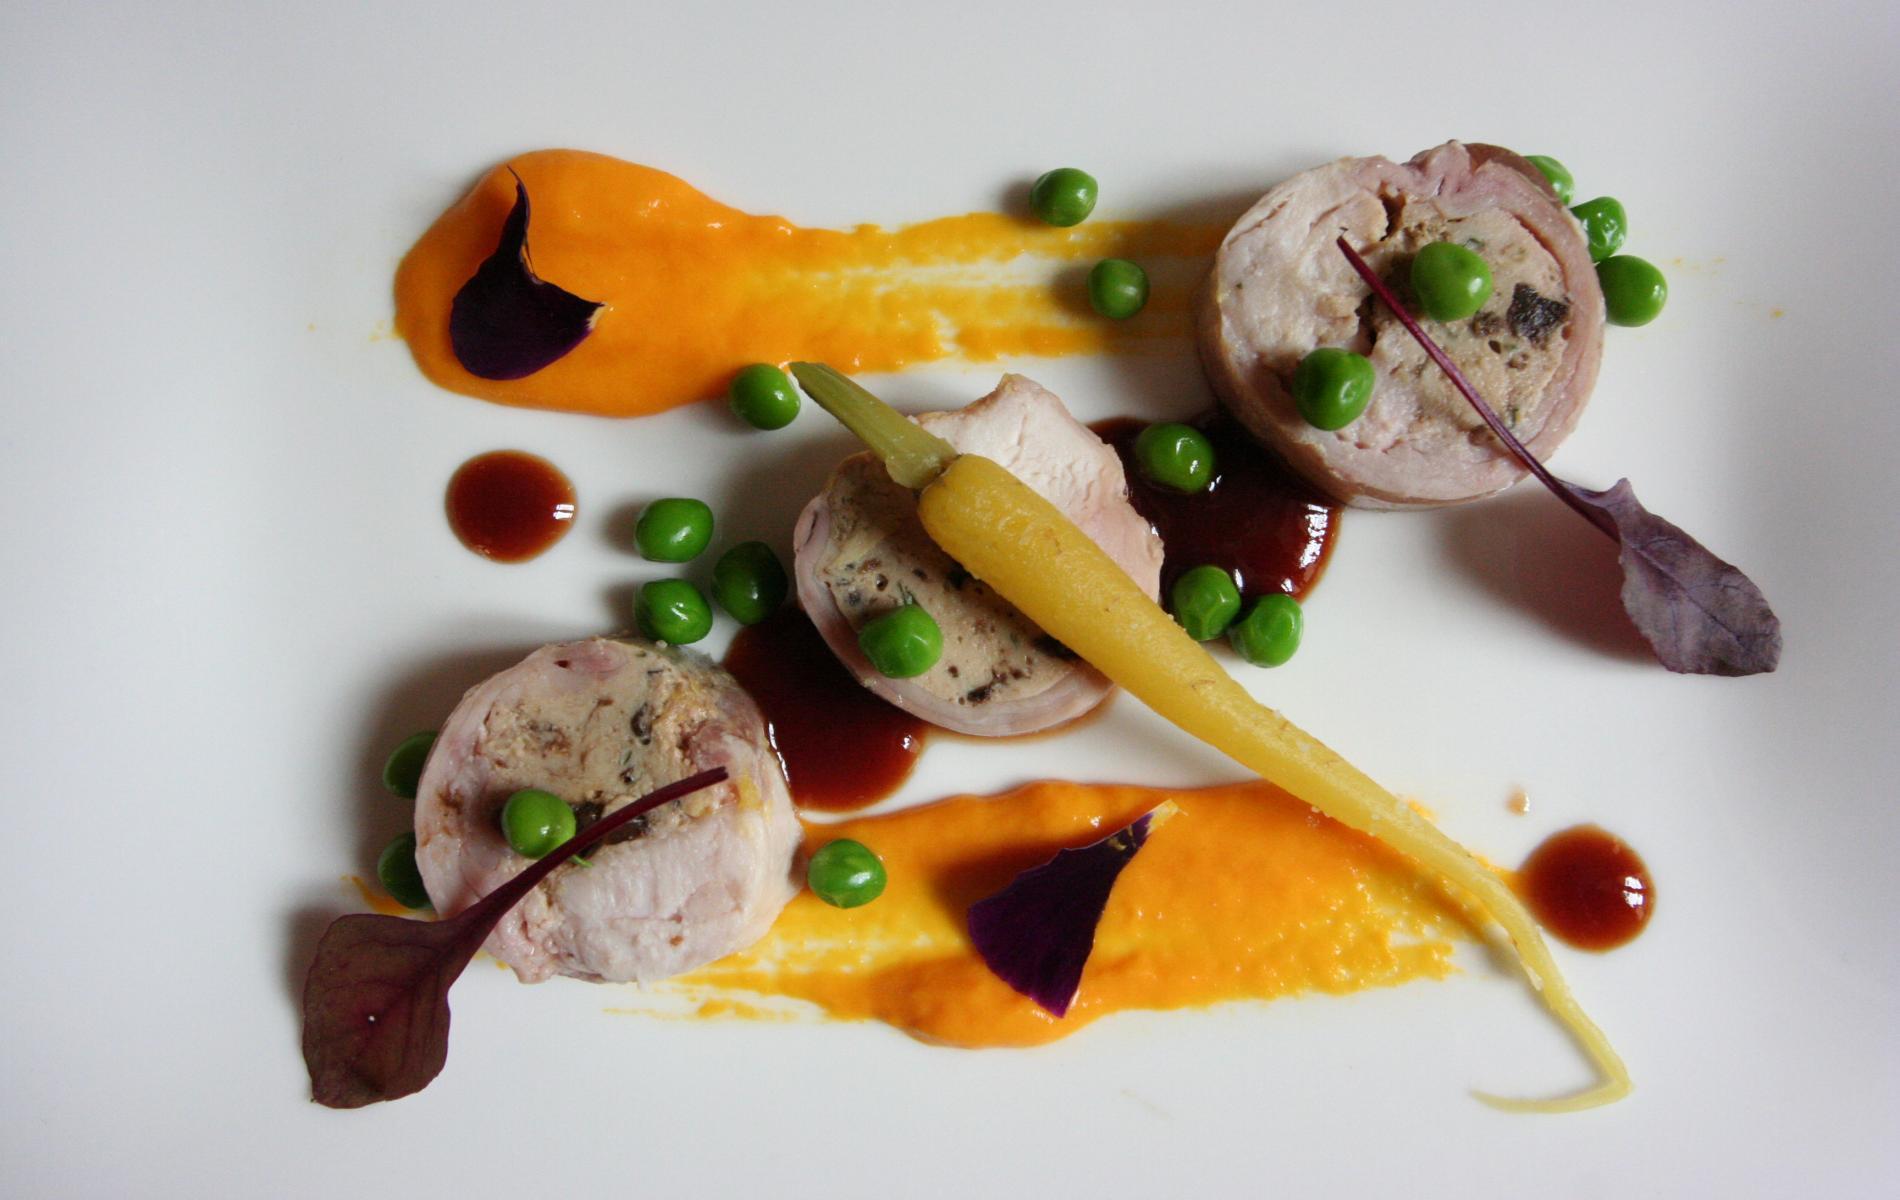 A starter served at the Restaurant du Tribunal in Mortagne